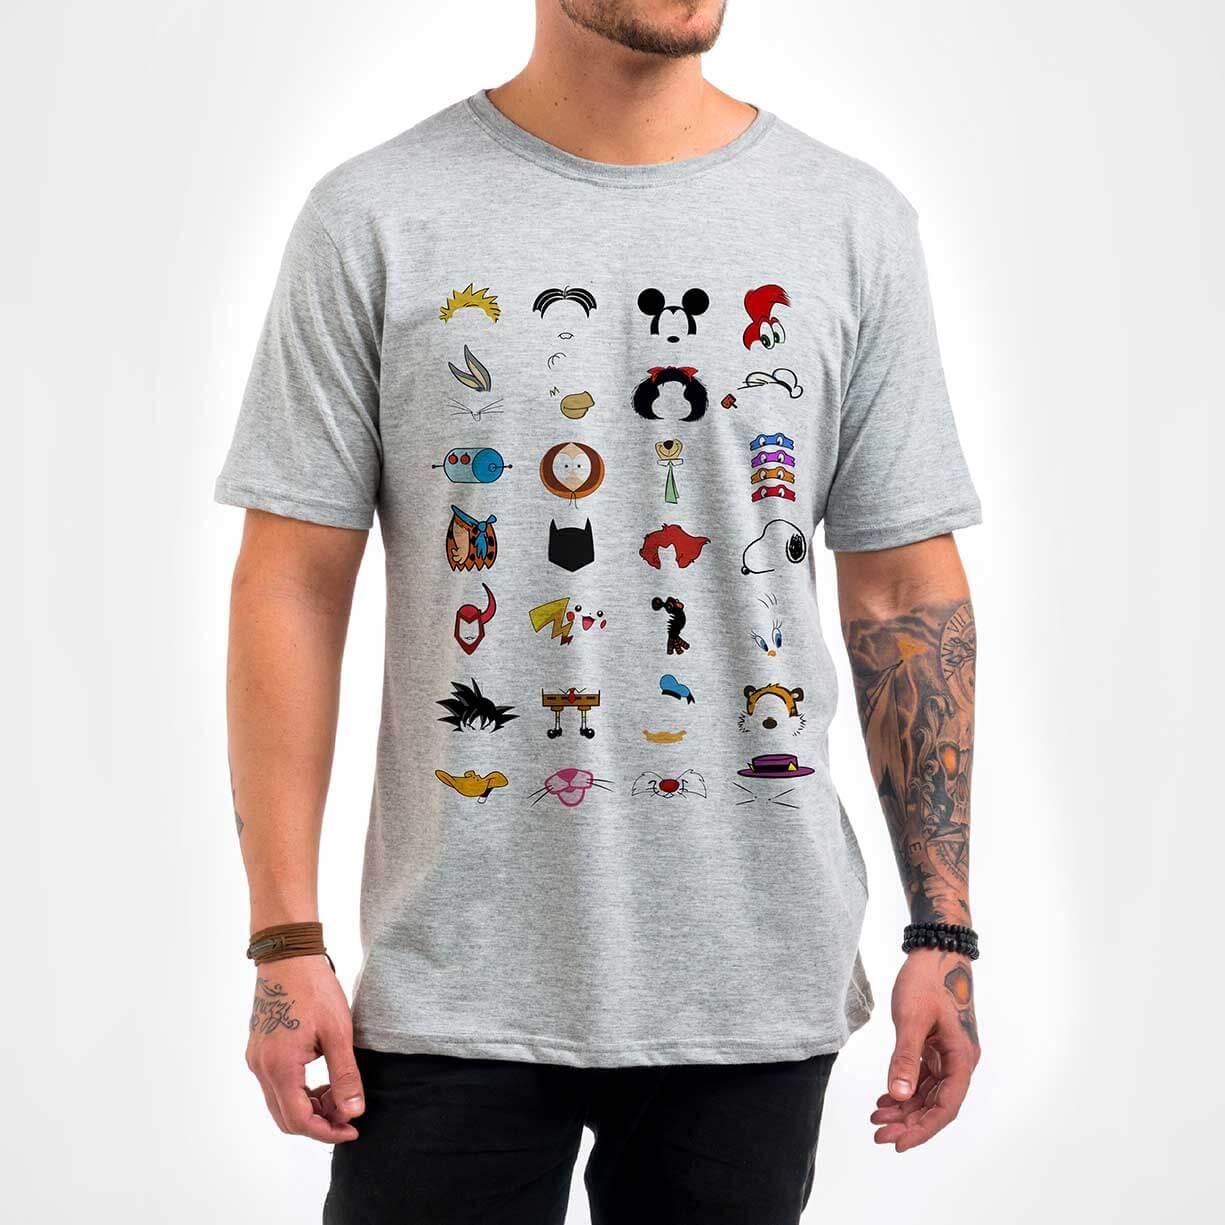 Camisa Masculina – Cartoons